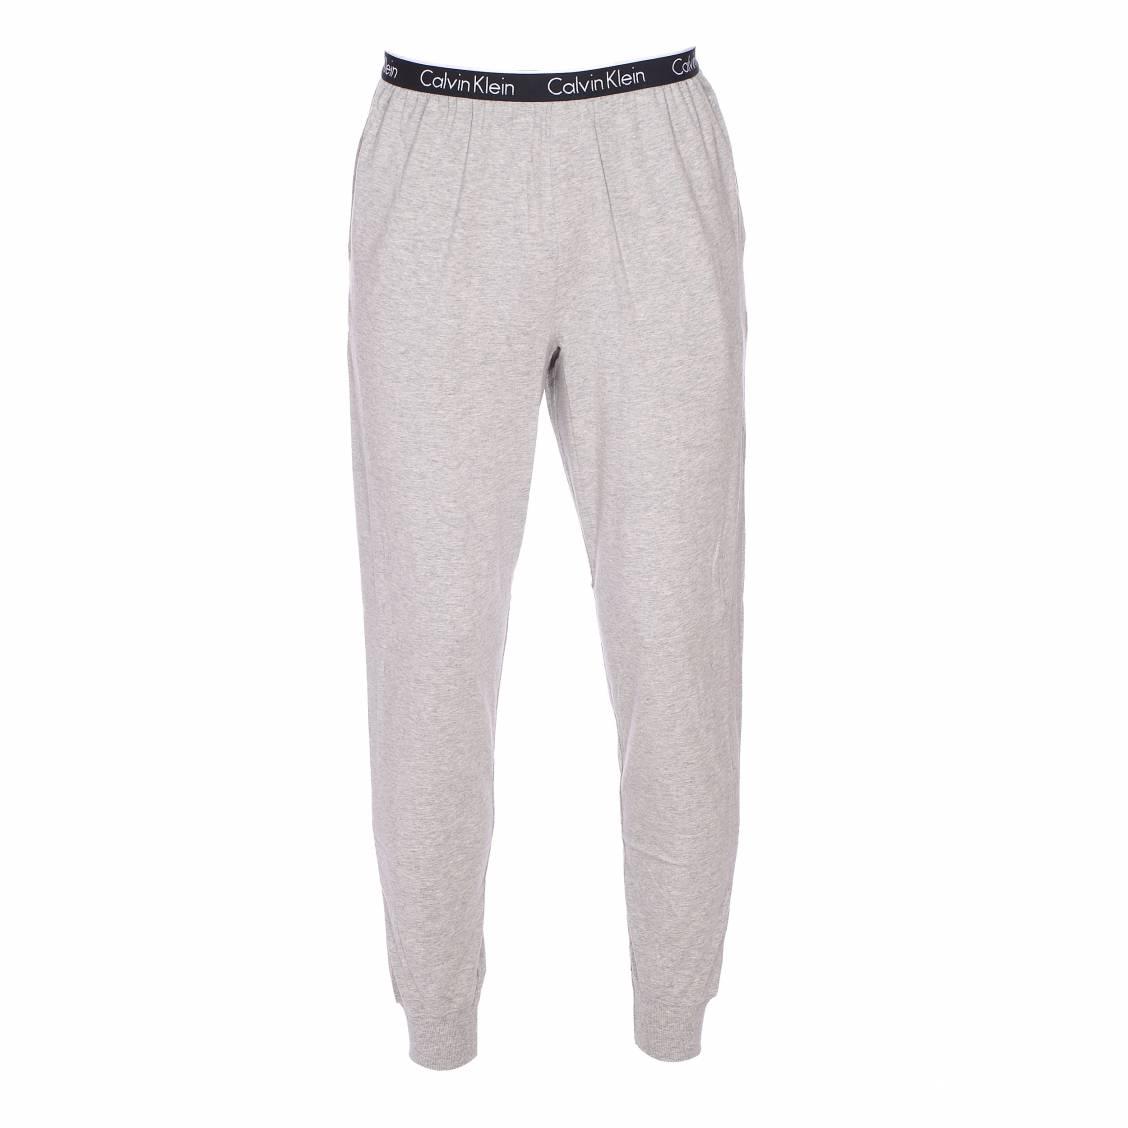 pantalon d 39 int rieur calvin klein en coton stretch gris chin rue des hommes. Black Bedroom Furniture Sets. Home Design Ideas